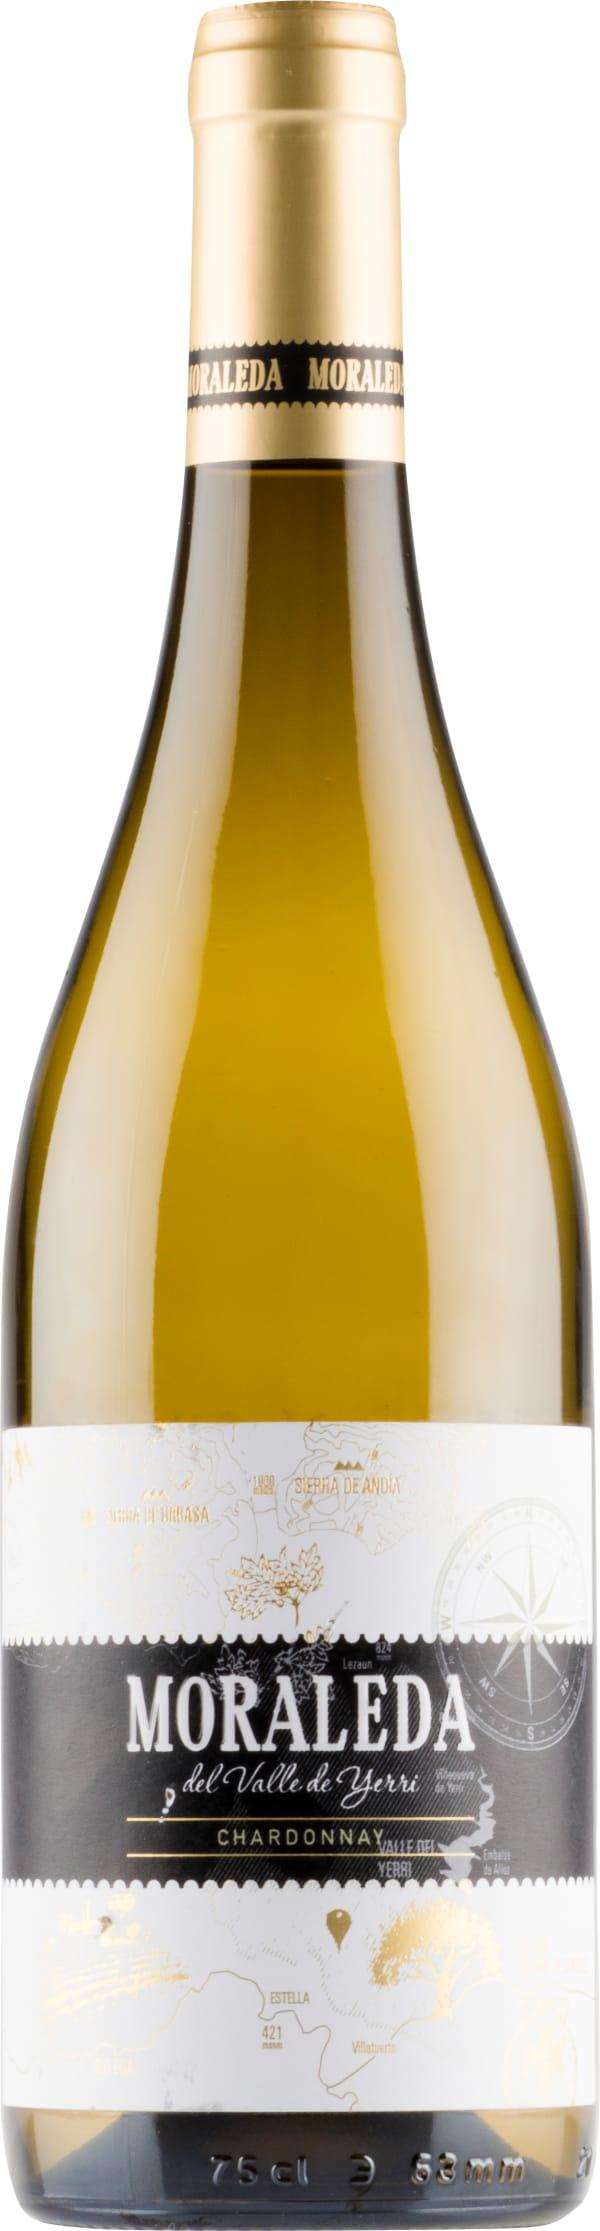 Moraleda Chardonnay 2017